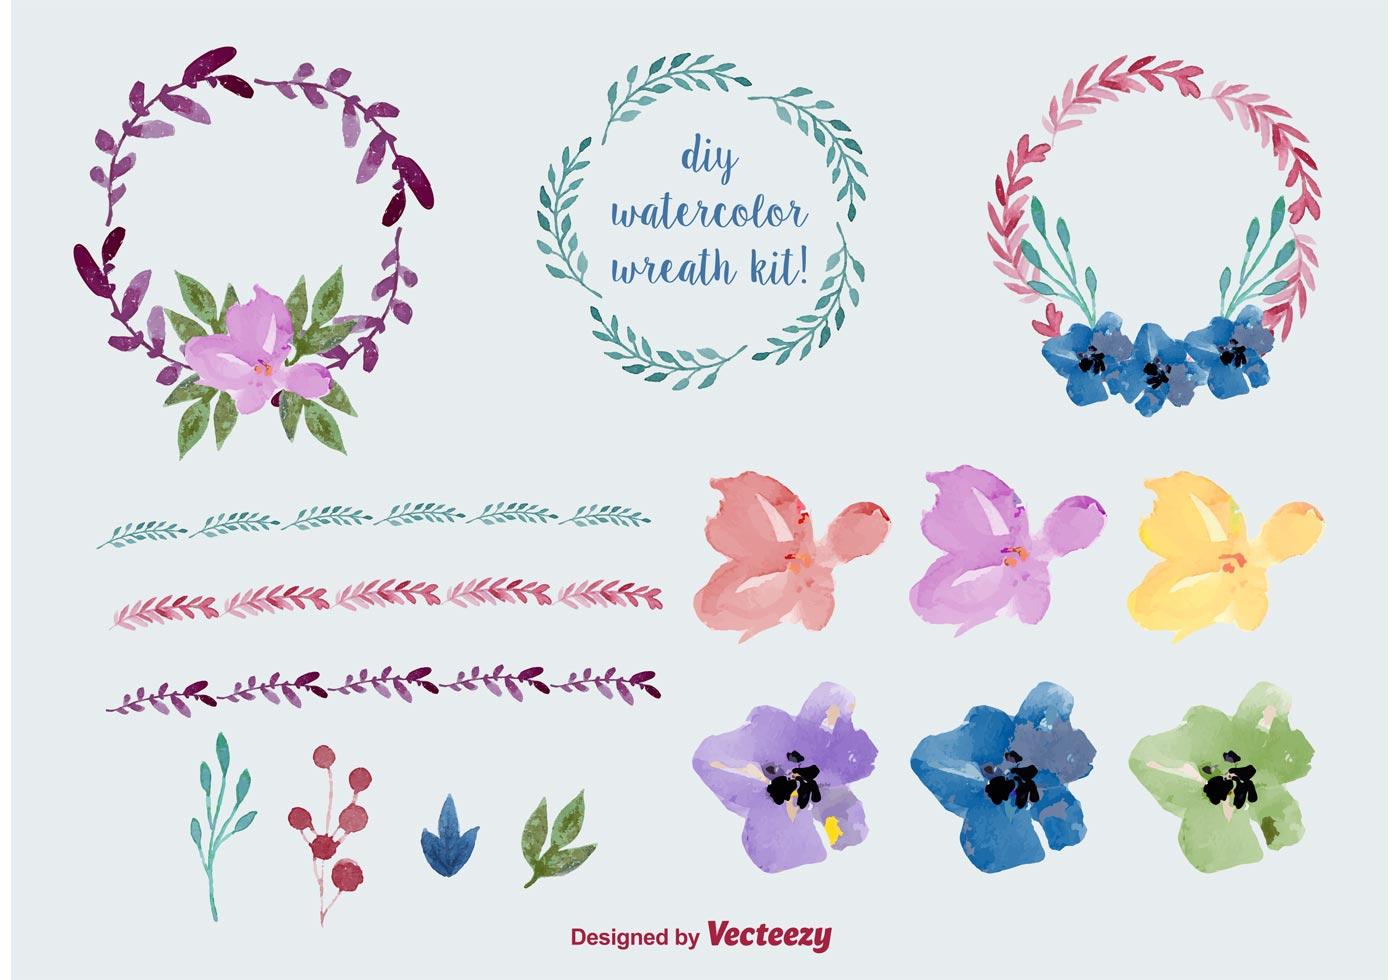 Watercolor Floral Wreath Vectors - Download Free Vector ...